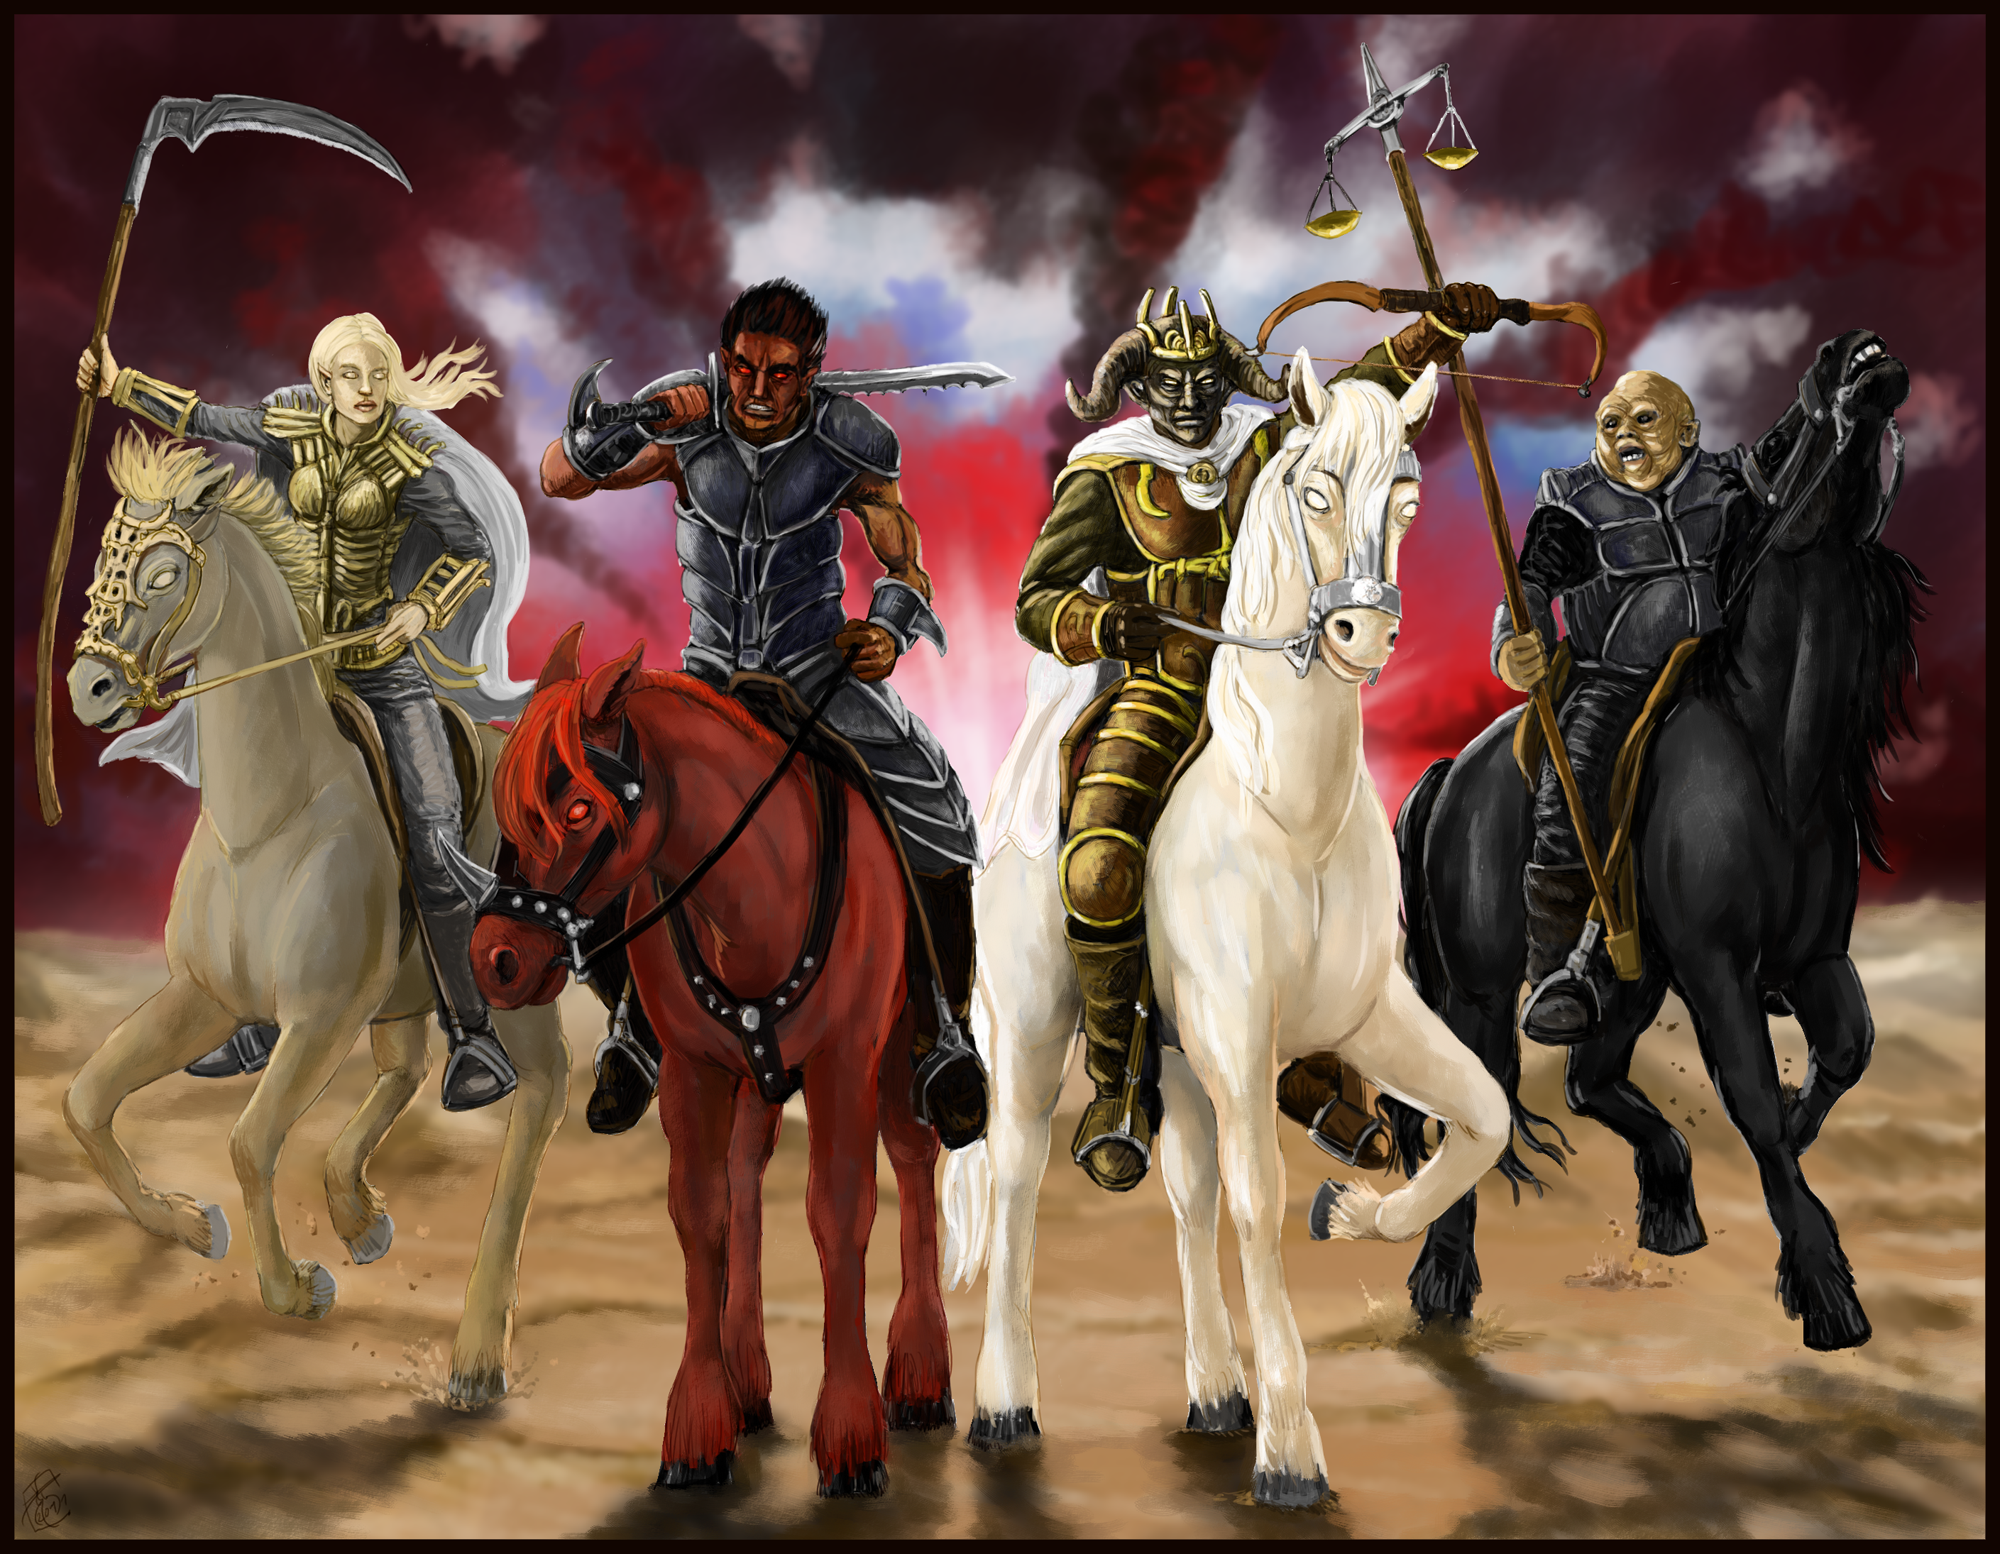 The Four Horsemen religion revelations dark horror horses reaper fantasy art wallpaper background